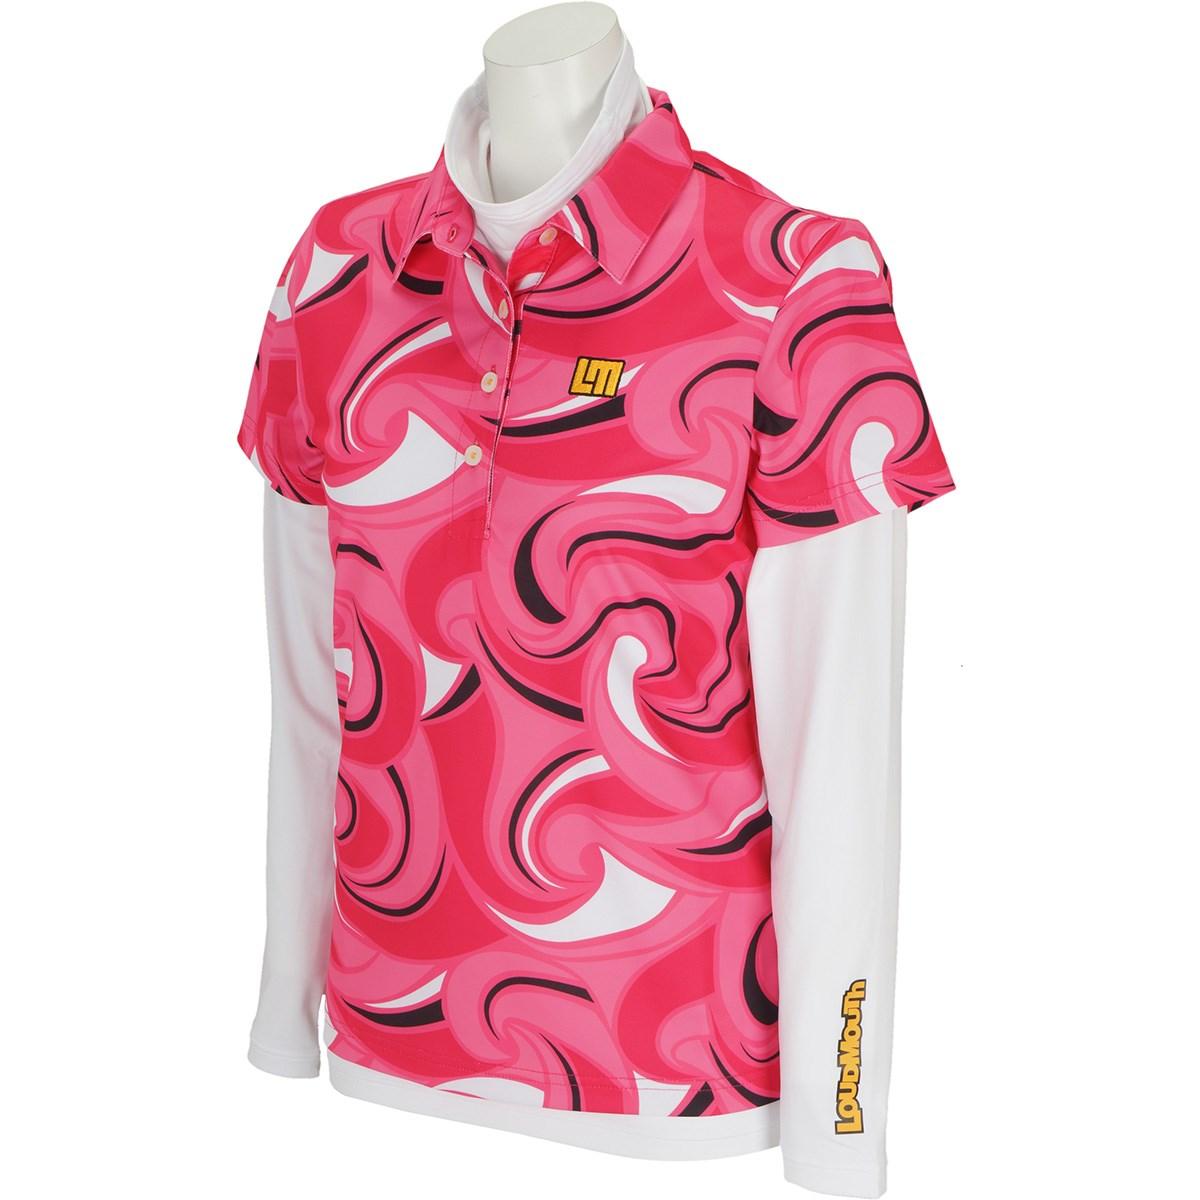 ラウドマウスゴルフ Loud Mouth Golf 長袖ハイネックインナーシャツ付き半袖ポロシャツ S ストロベリーショートゲーム 221 レディス